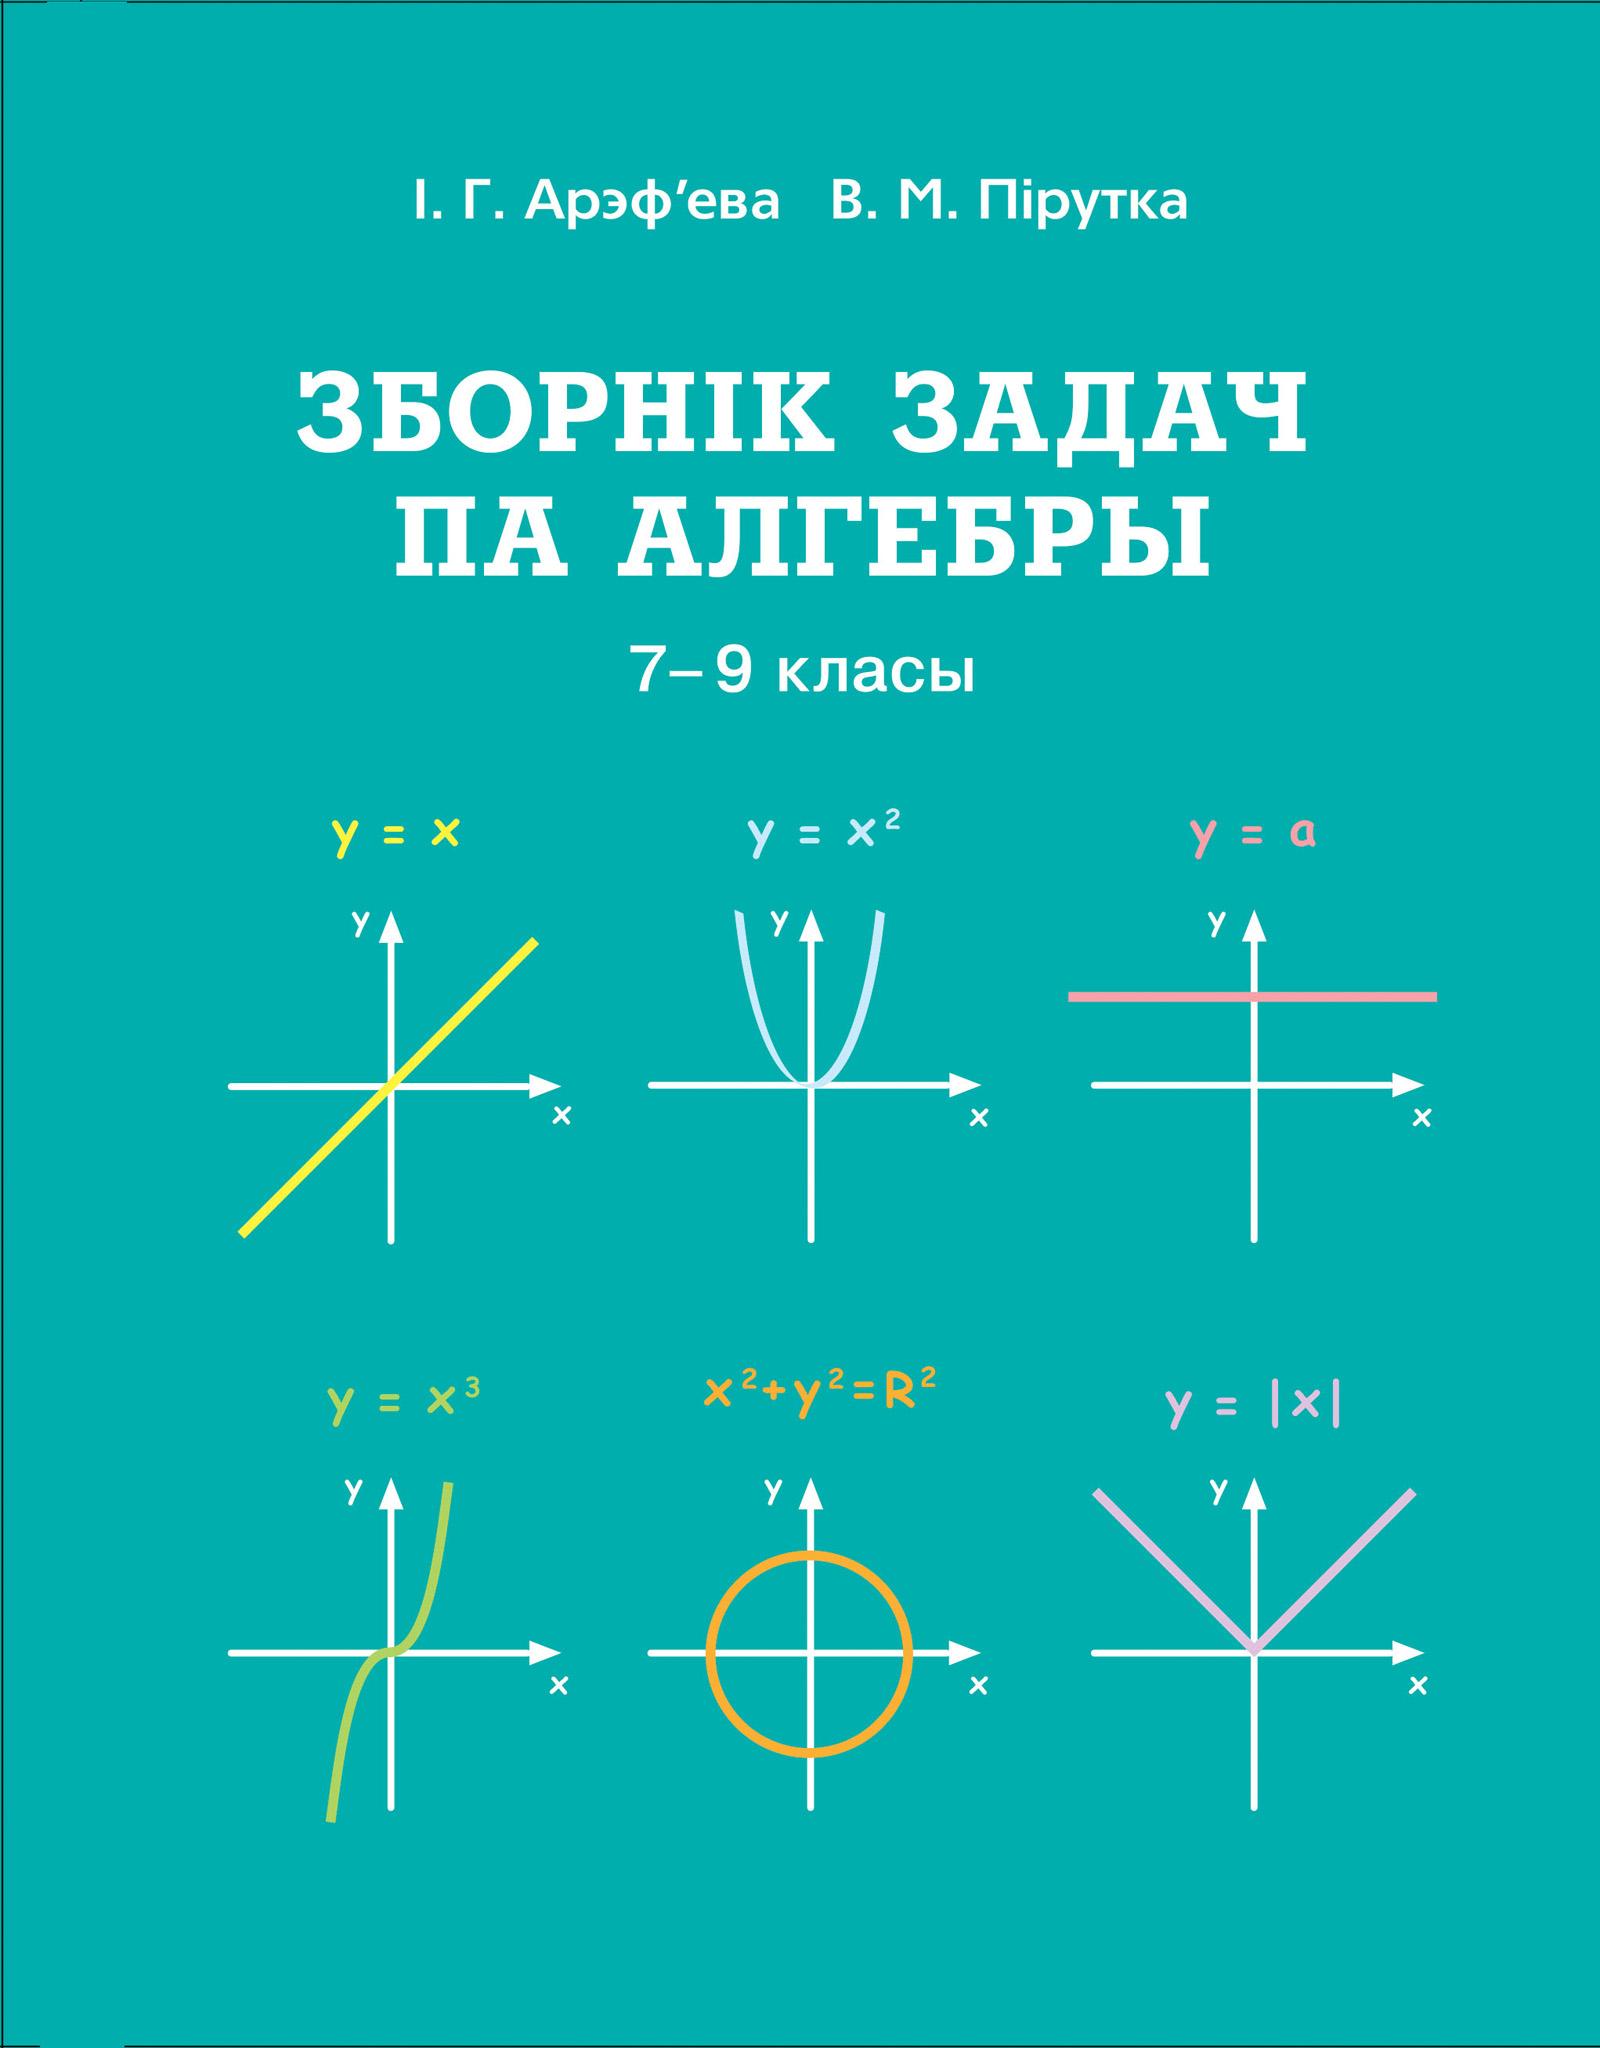 Зборнік задач па алгебры, 7-9 класы